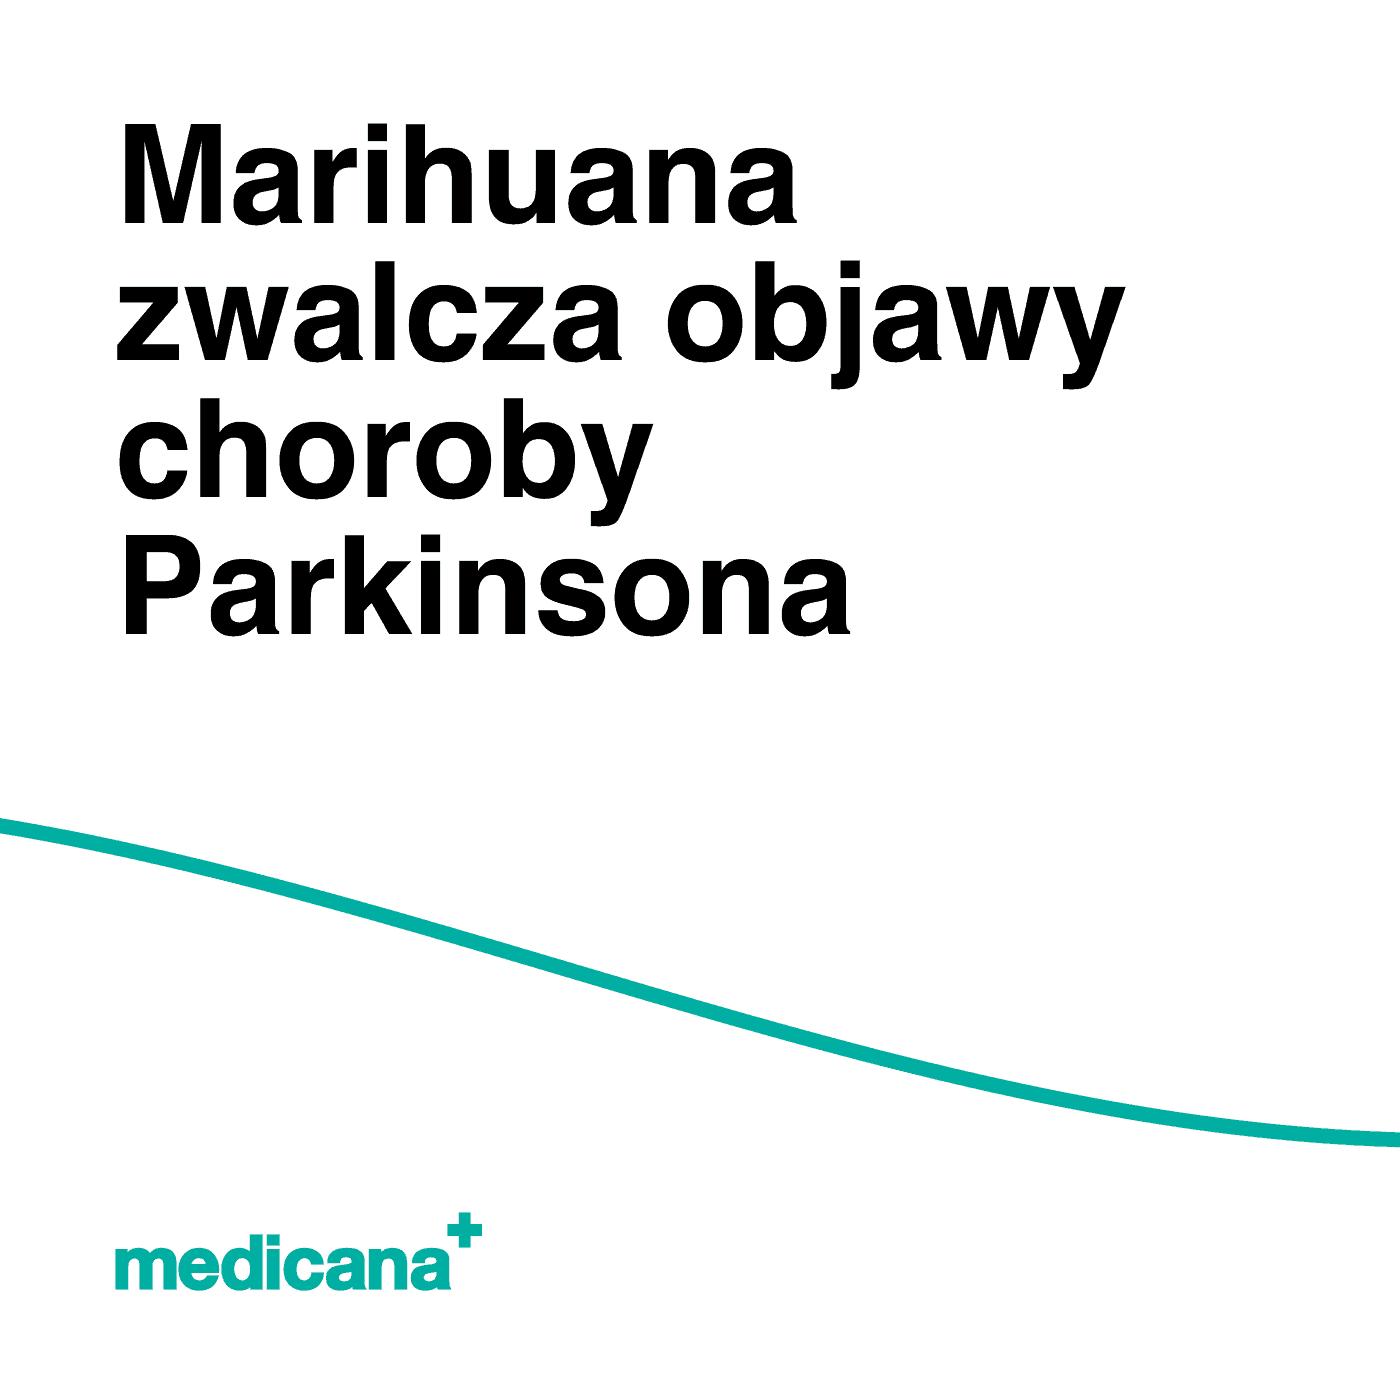 """Grafika, na białym tle czarny napis """"Marihuana zwalcza objawy choroby Parkinsona"""" oraz zieloną linią na dole i zielonym logo medicana w lewym dolnym rogu."""